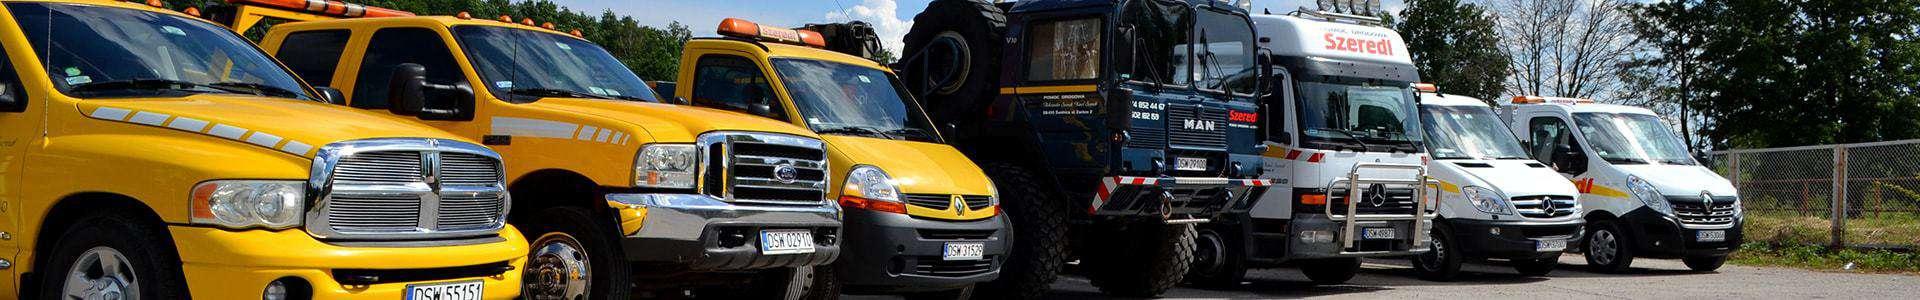 firma transportowa Szeredi i jej auta pomocy drogowej